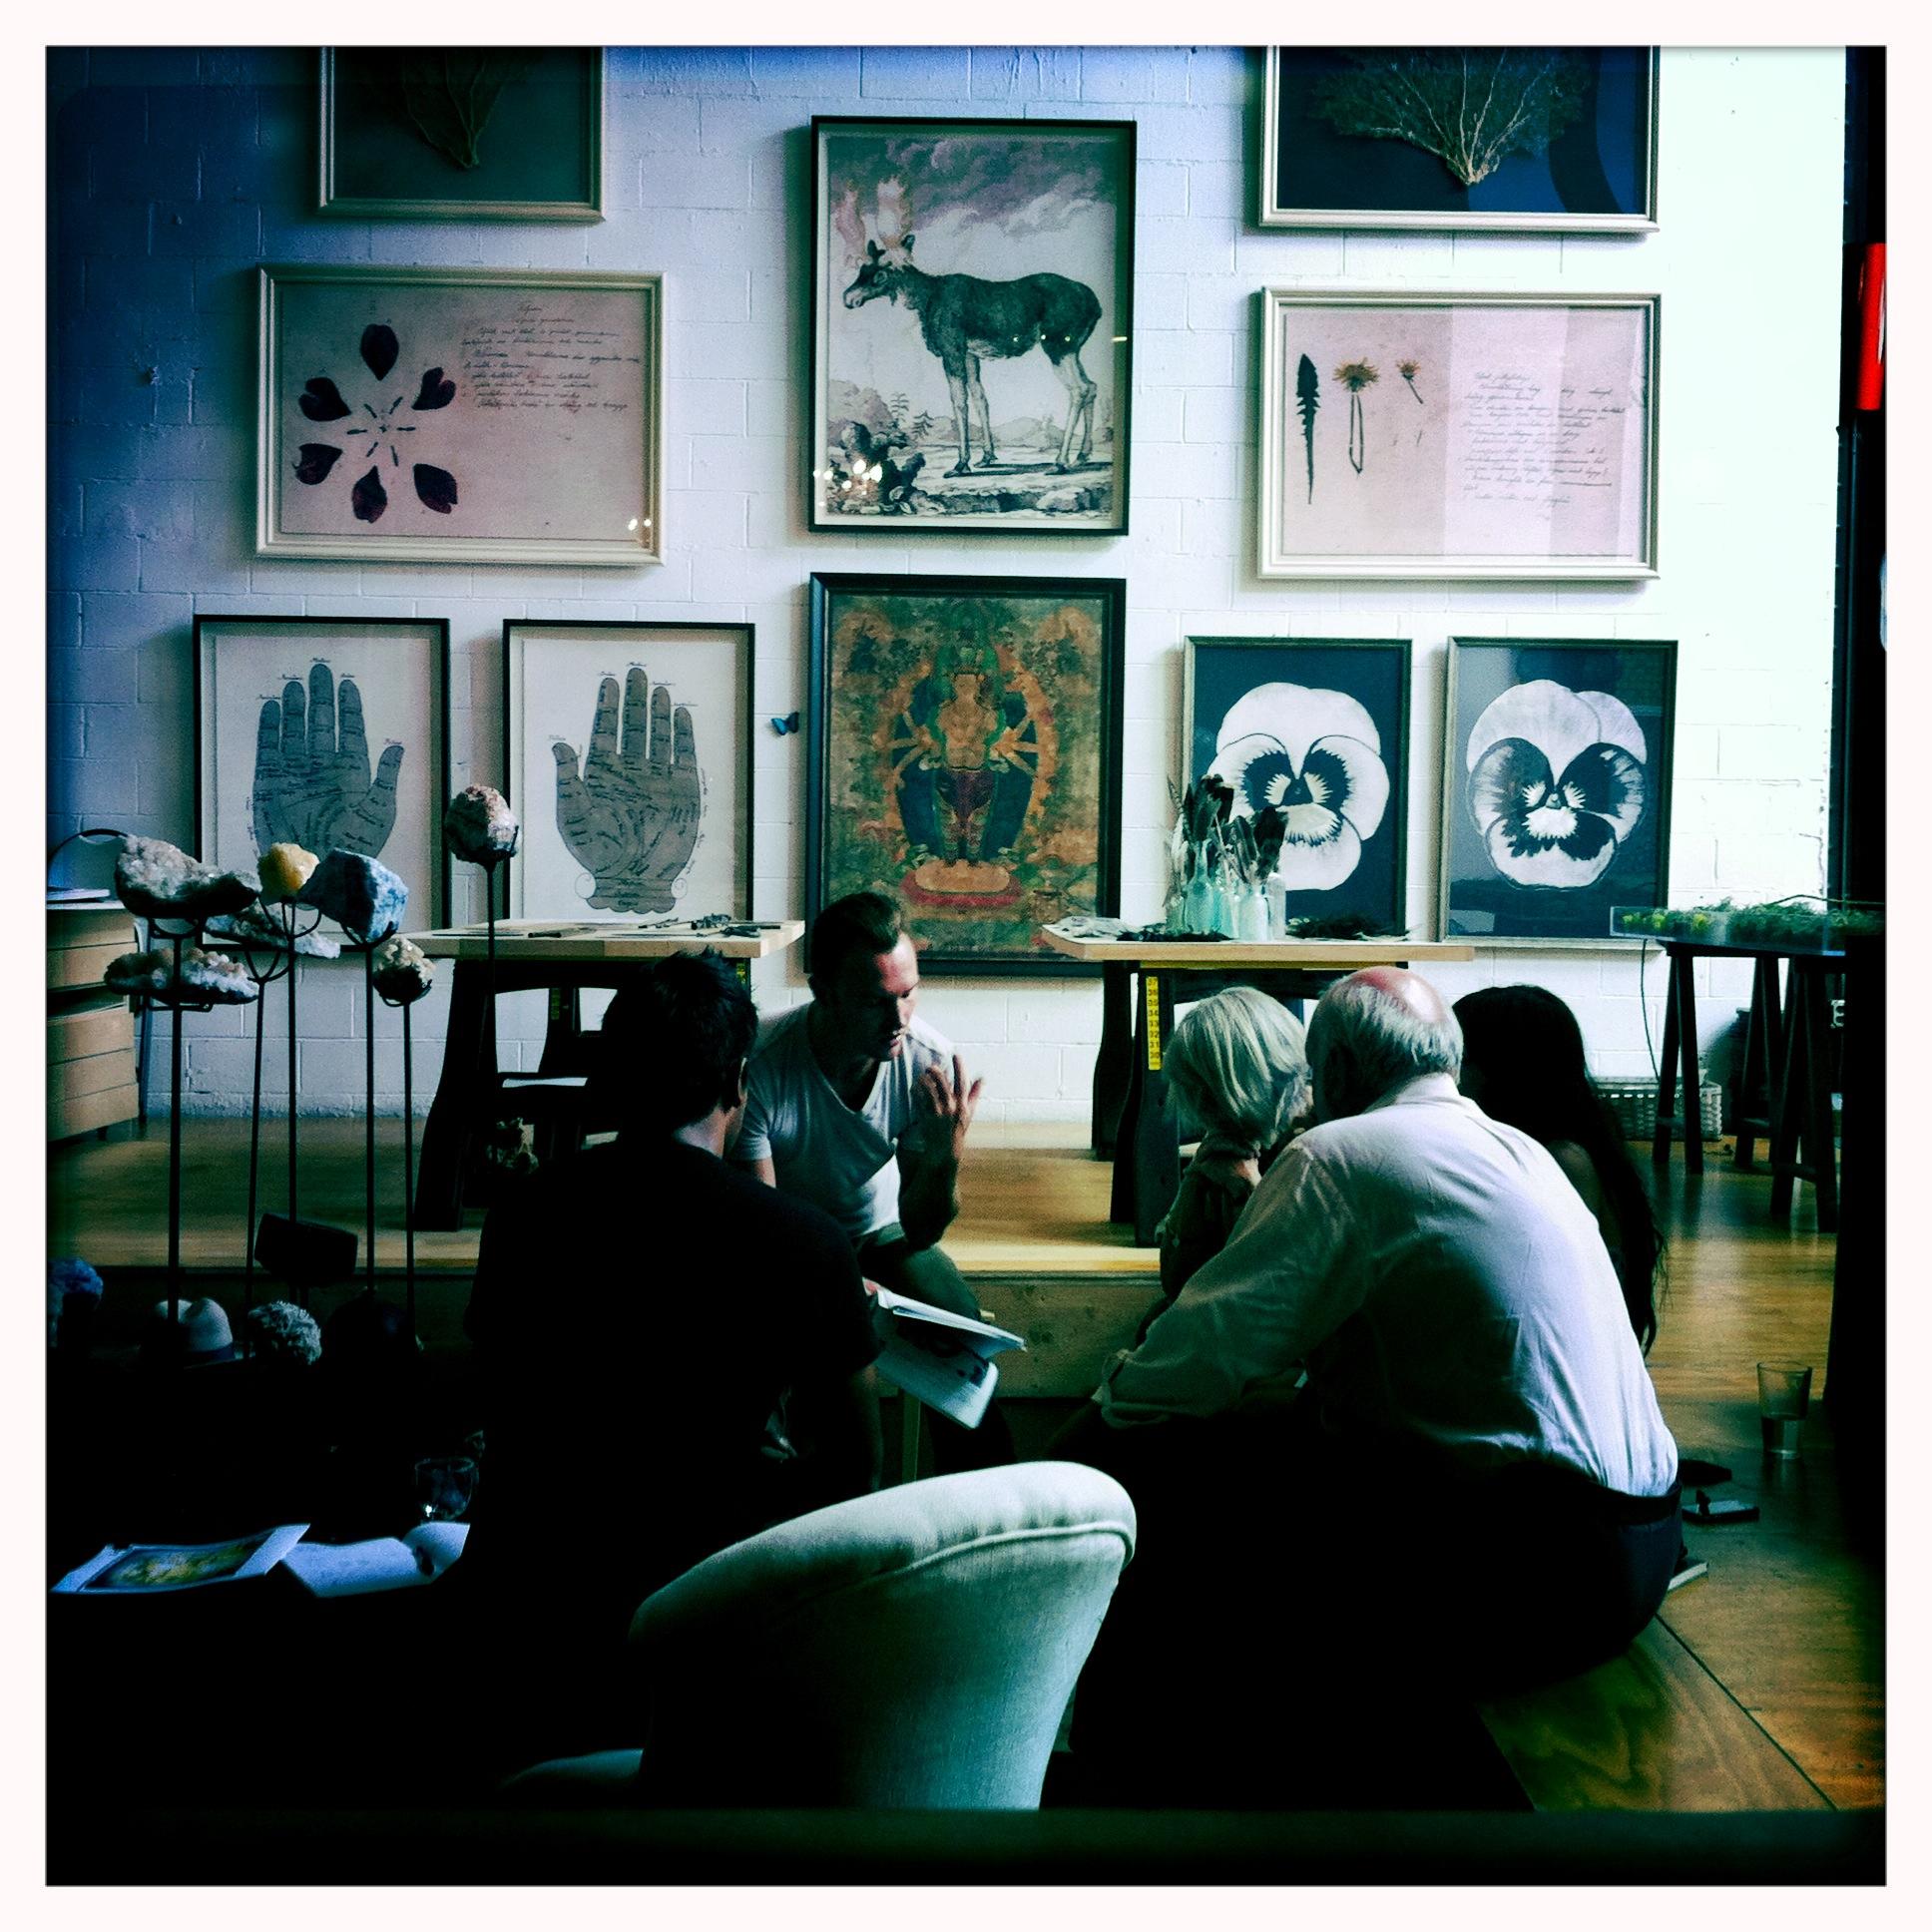 2011-09-20-NaturalCuriositiesStudio.JPG